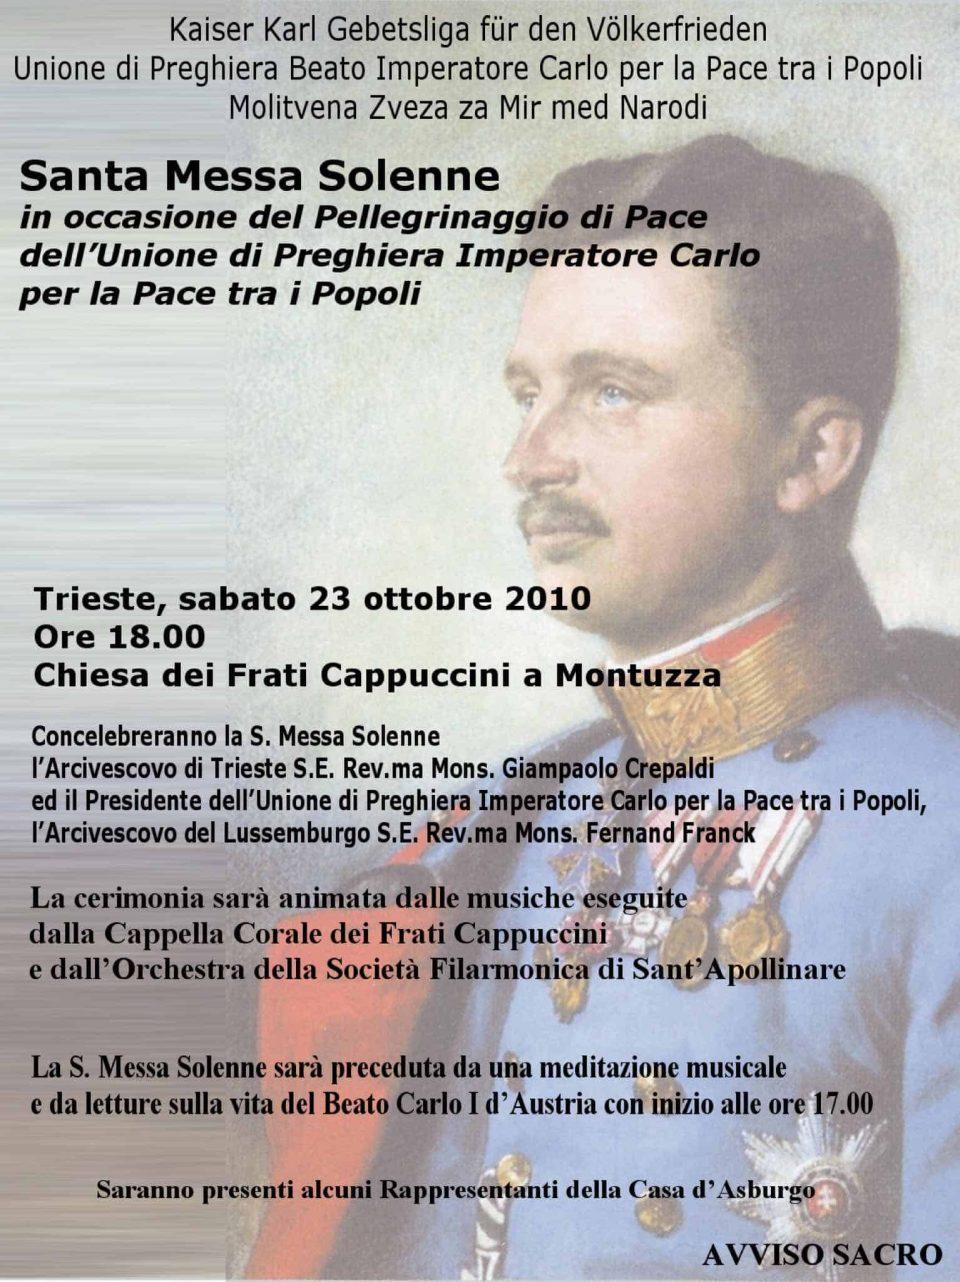 Manifesto Santa Messa solenne -Convegno Internazionale dell'Unione di preghiera Imperatore Carlo per la pace tra i popoli